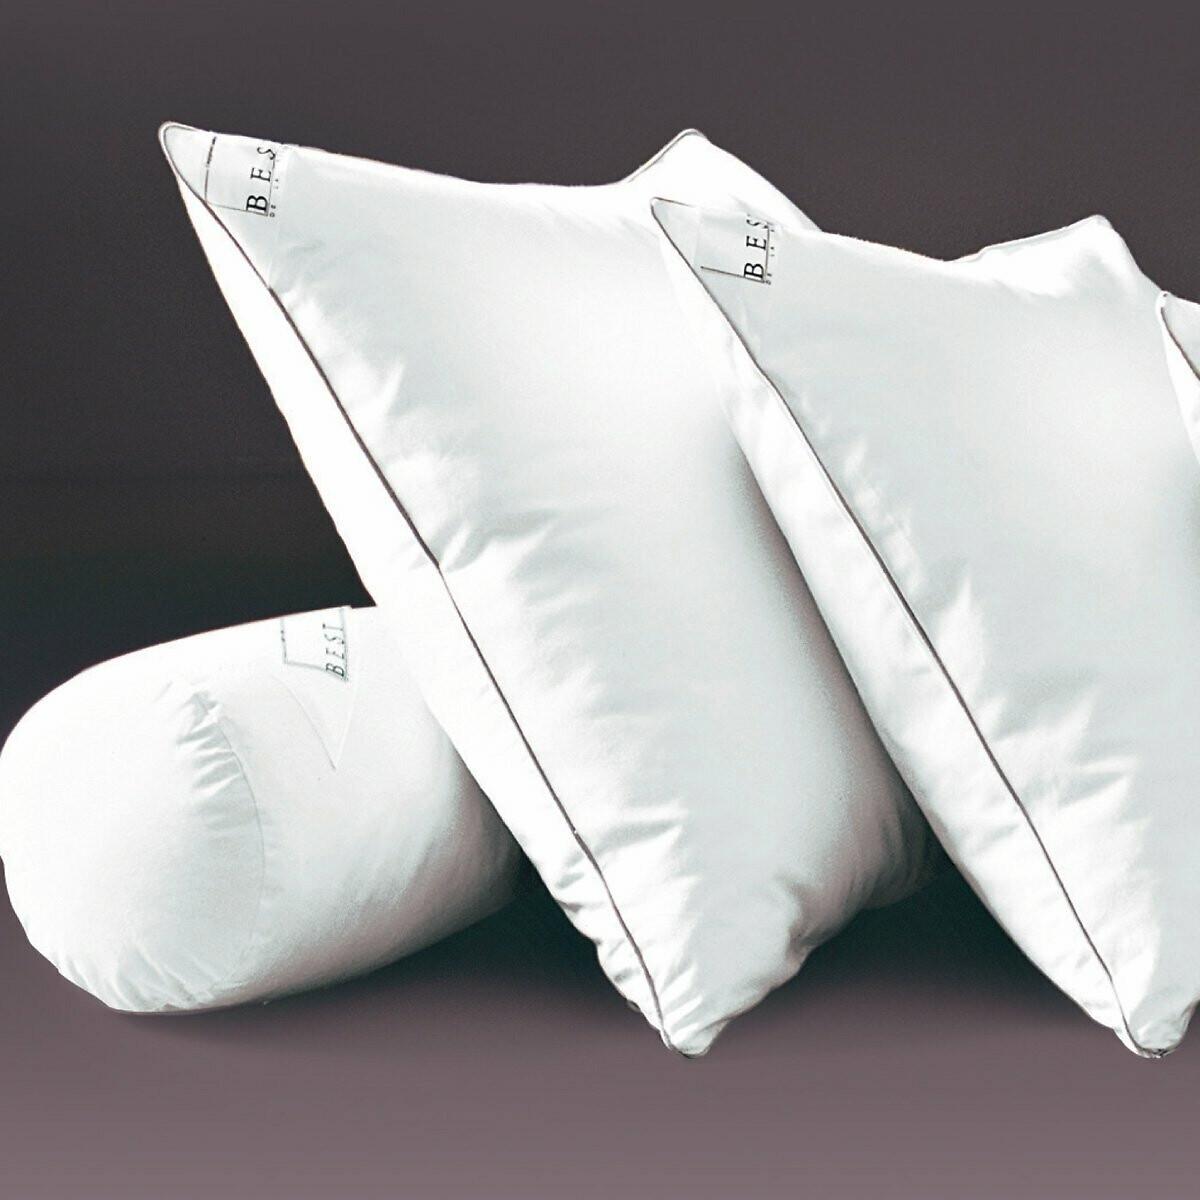 Фото - Подушка LaRedoute Мягкая из вязкоэластичной пены с пропиткой proneem 40 x 60 см белый подушка laredoute жесткая из латекса с пропиткой proneem 50 x 70 см белый